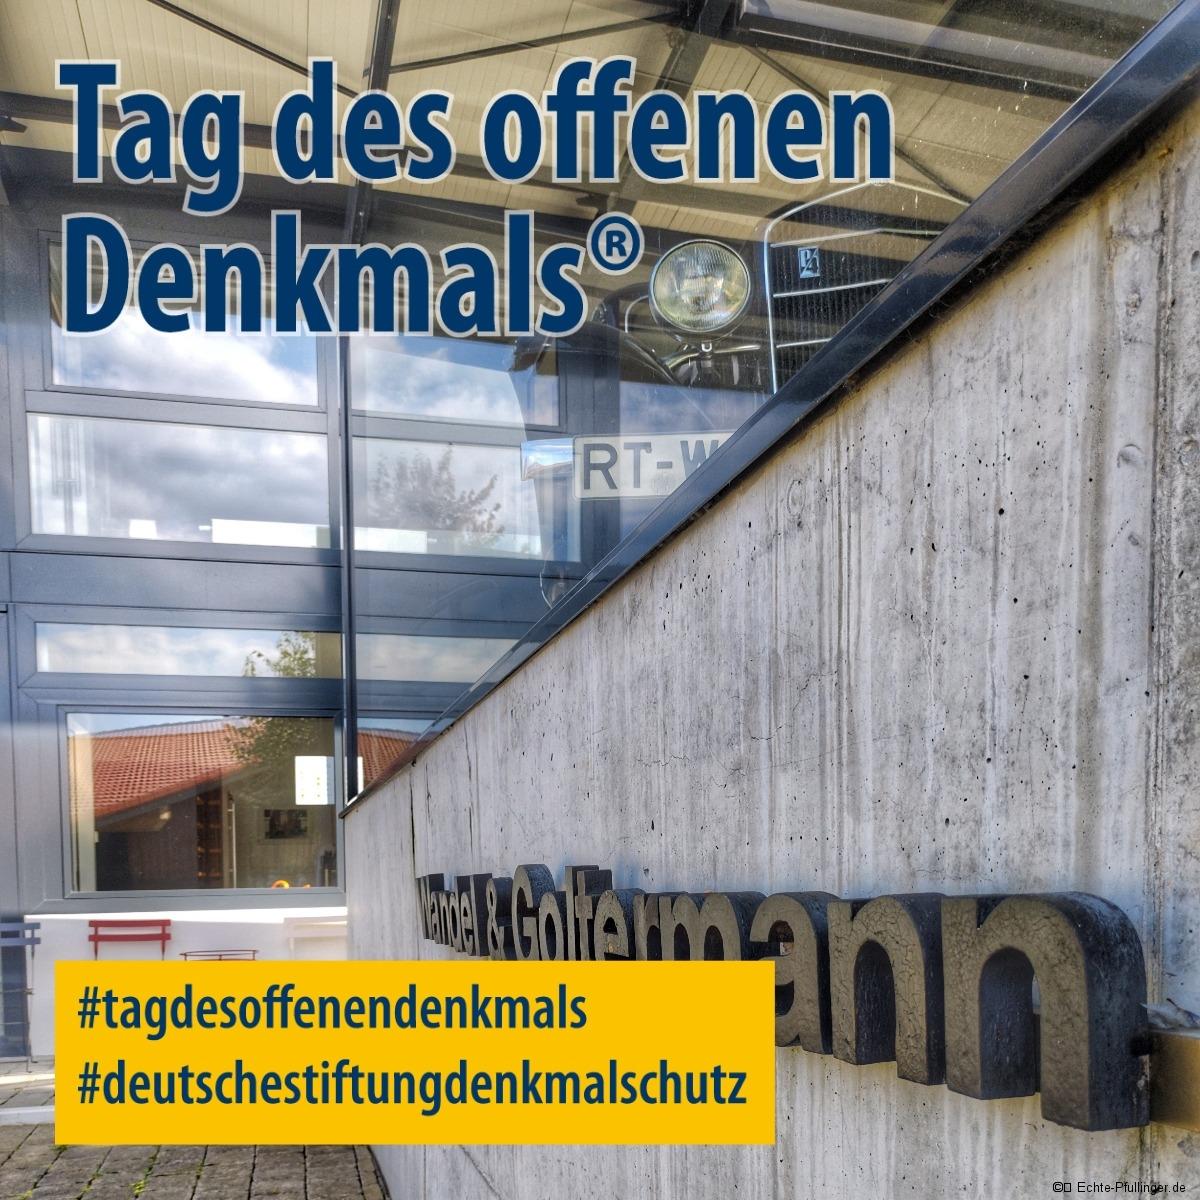 IMG_20210901_152724663-01-tag_des_offenen_denkmals-facebook